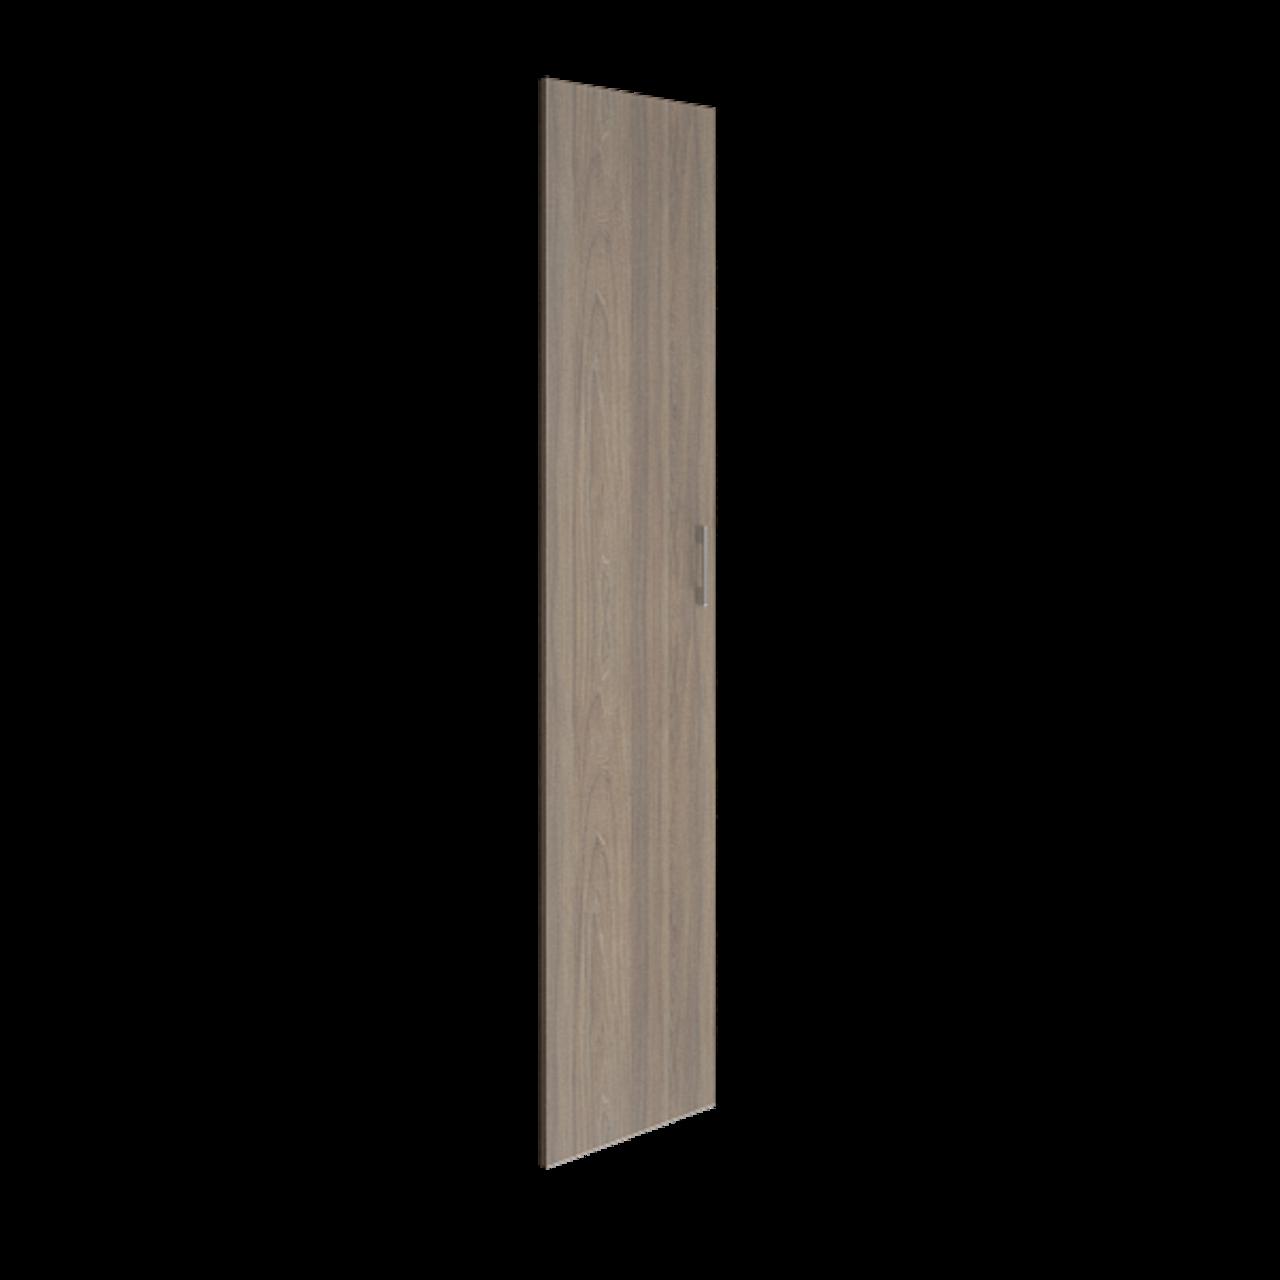 Дверь дсп высокая левая - фото 4